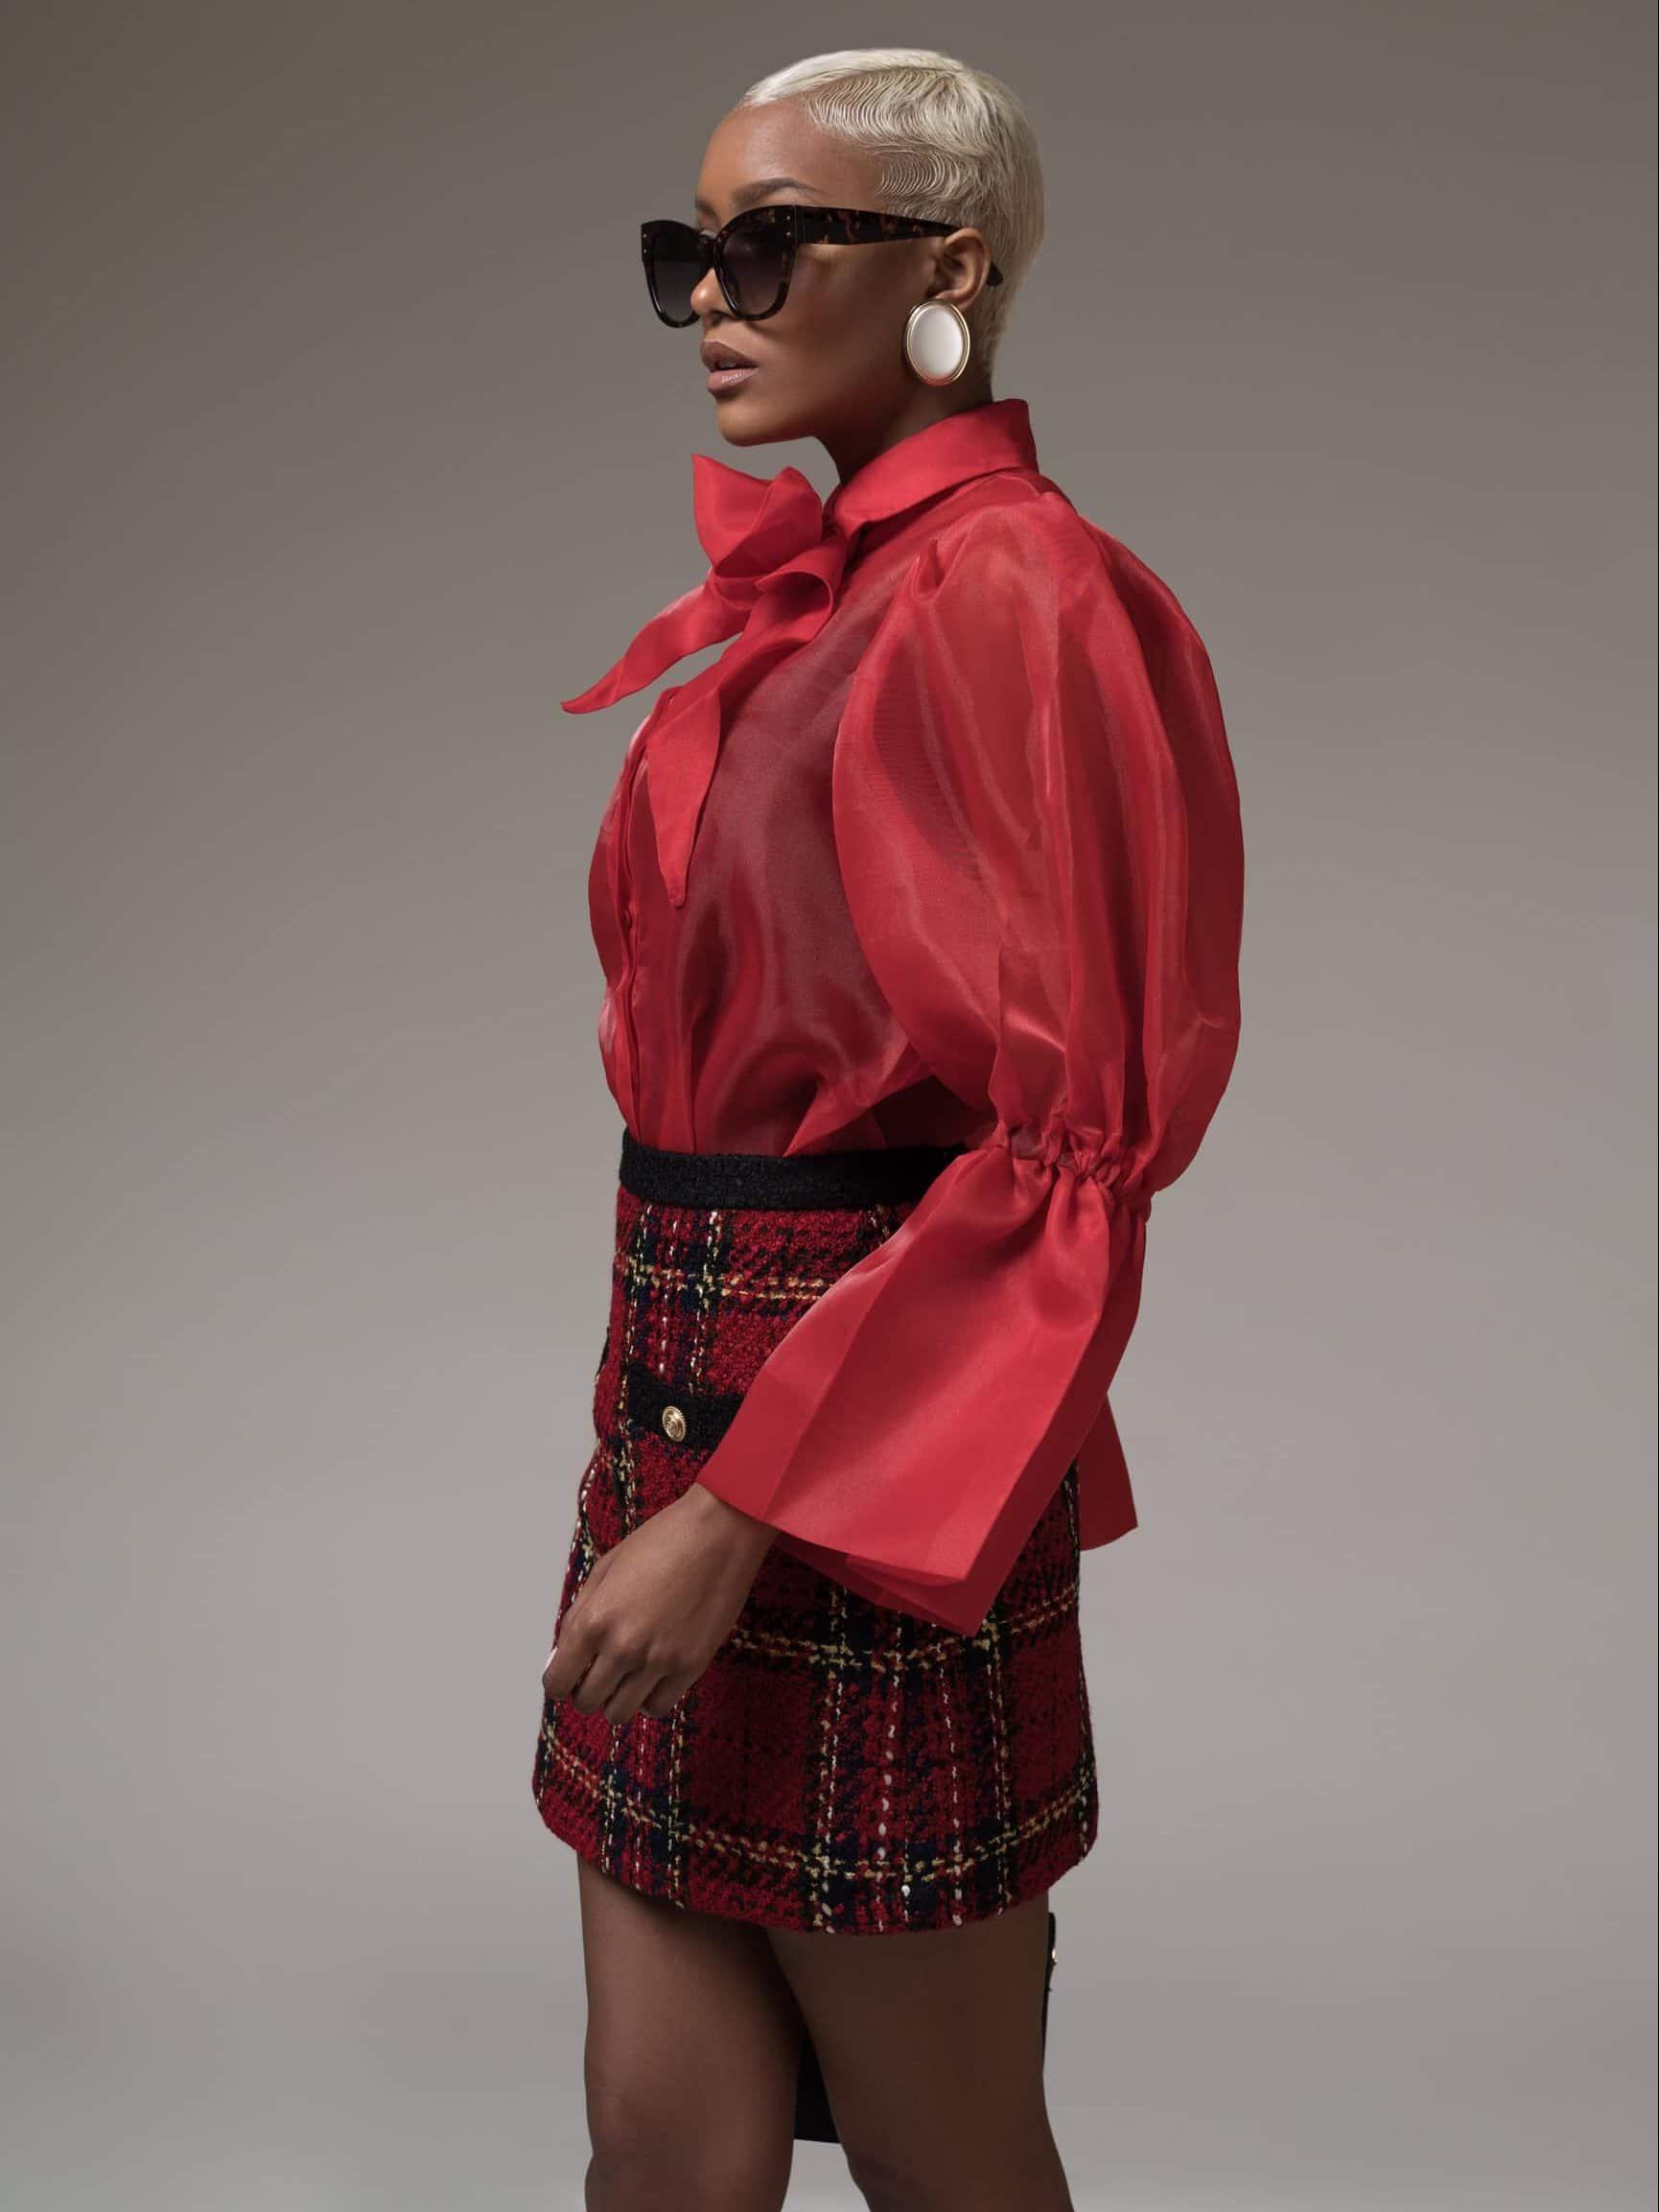 Red Puff Sleeve Sheer Chiffon Shirt